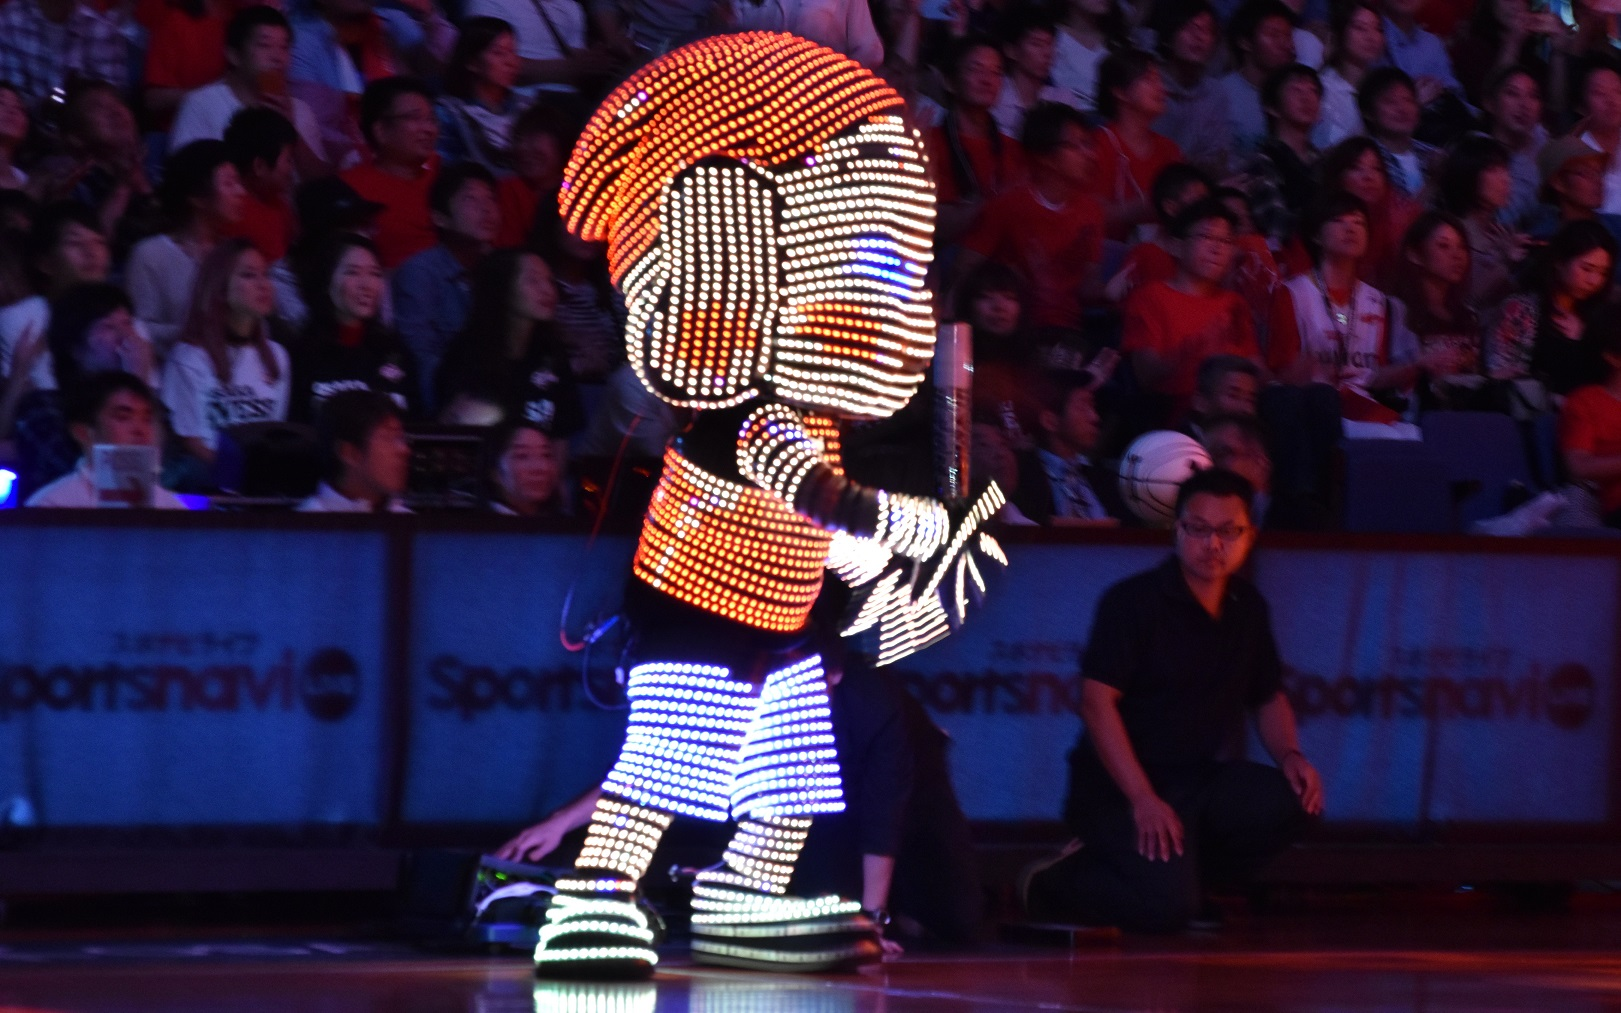 プロバスケットチーム大阪エヴェッサ